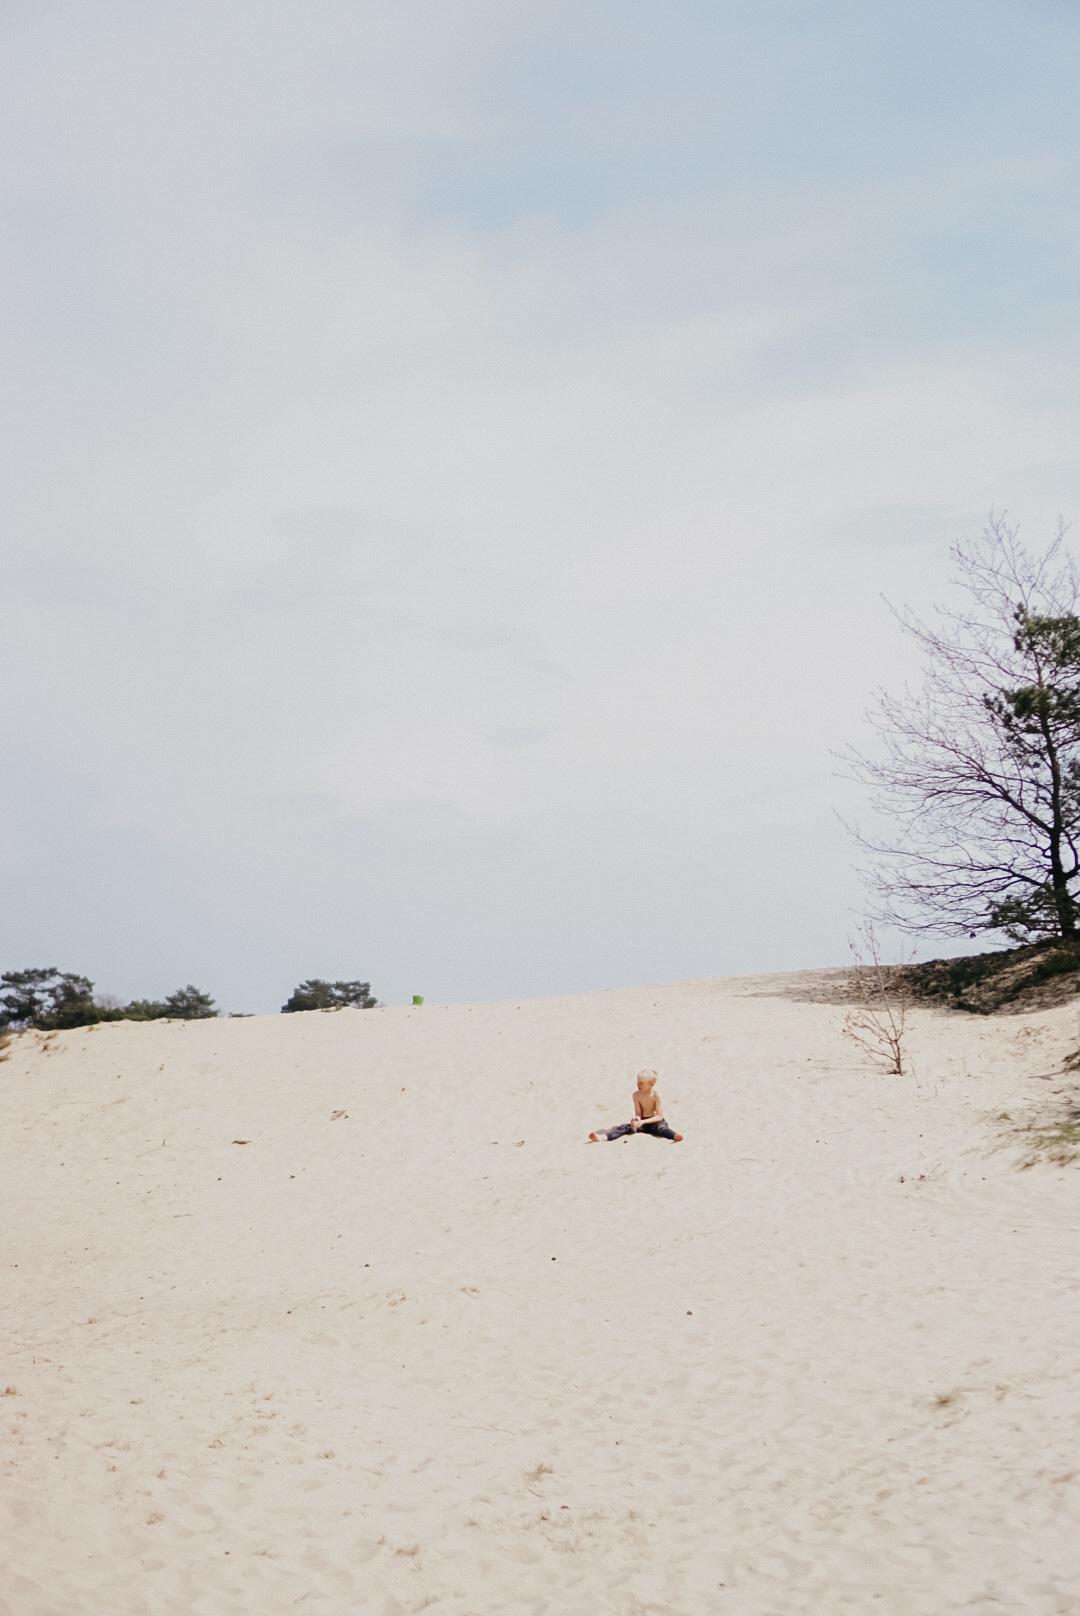 natuurgebied veluwe zandverstuiving kootwijk